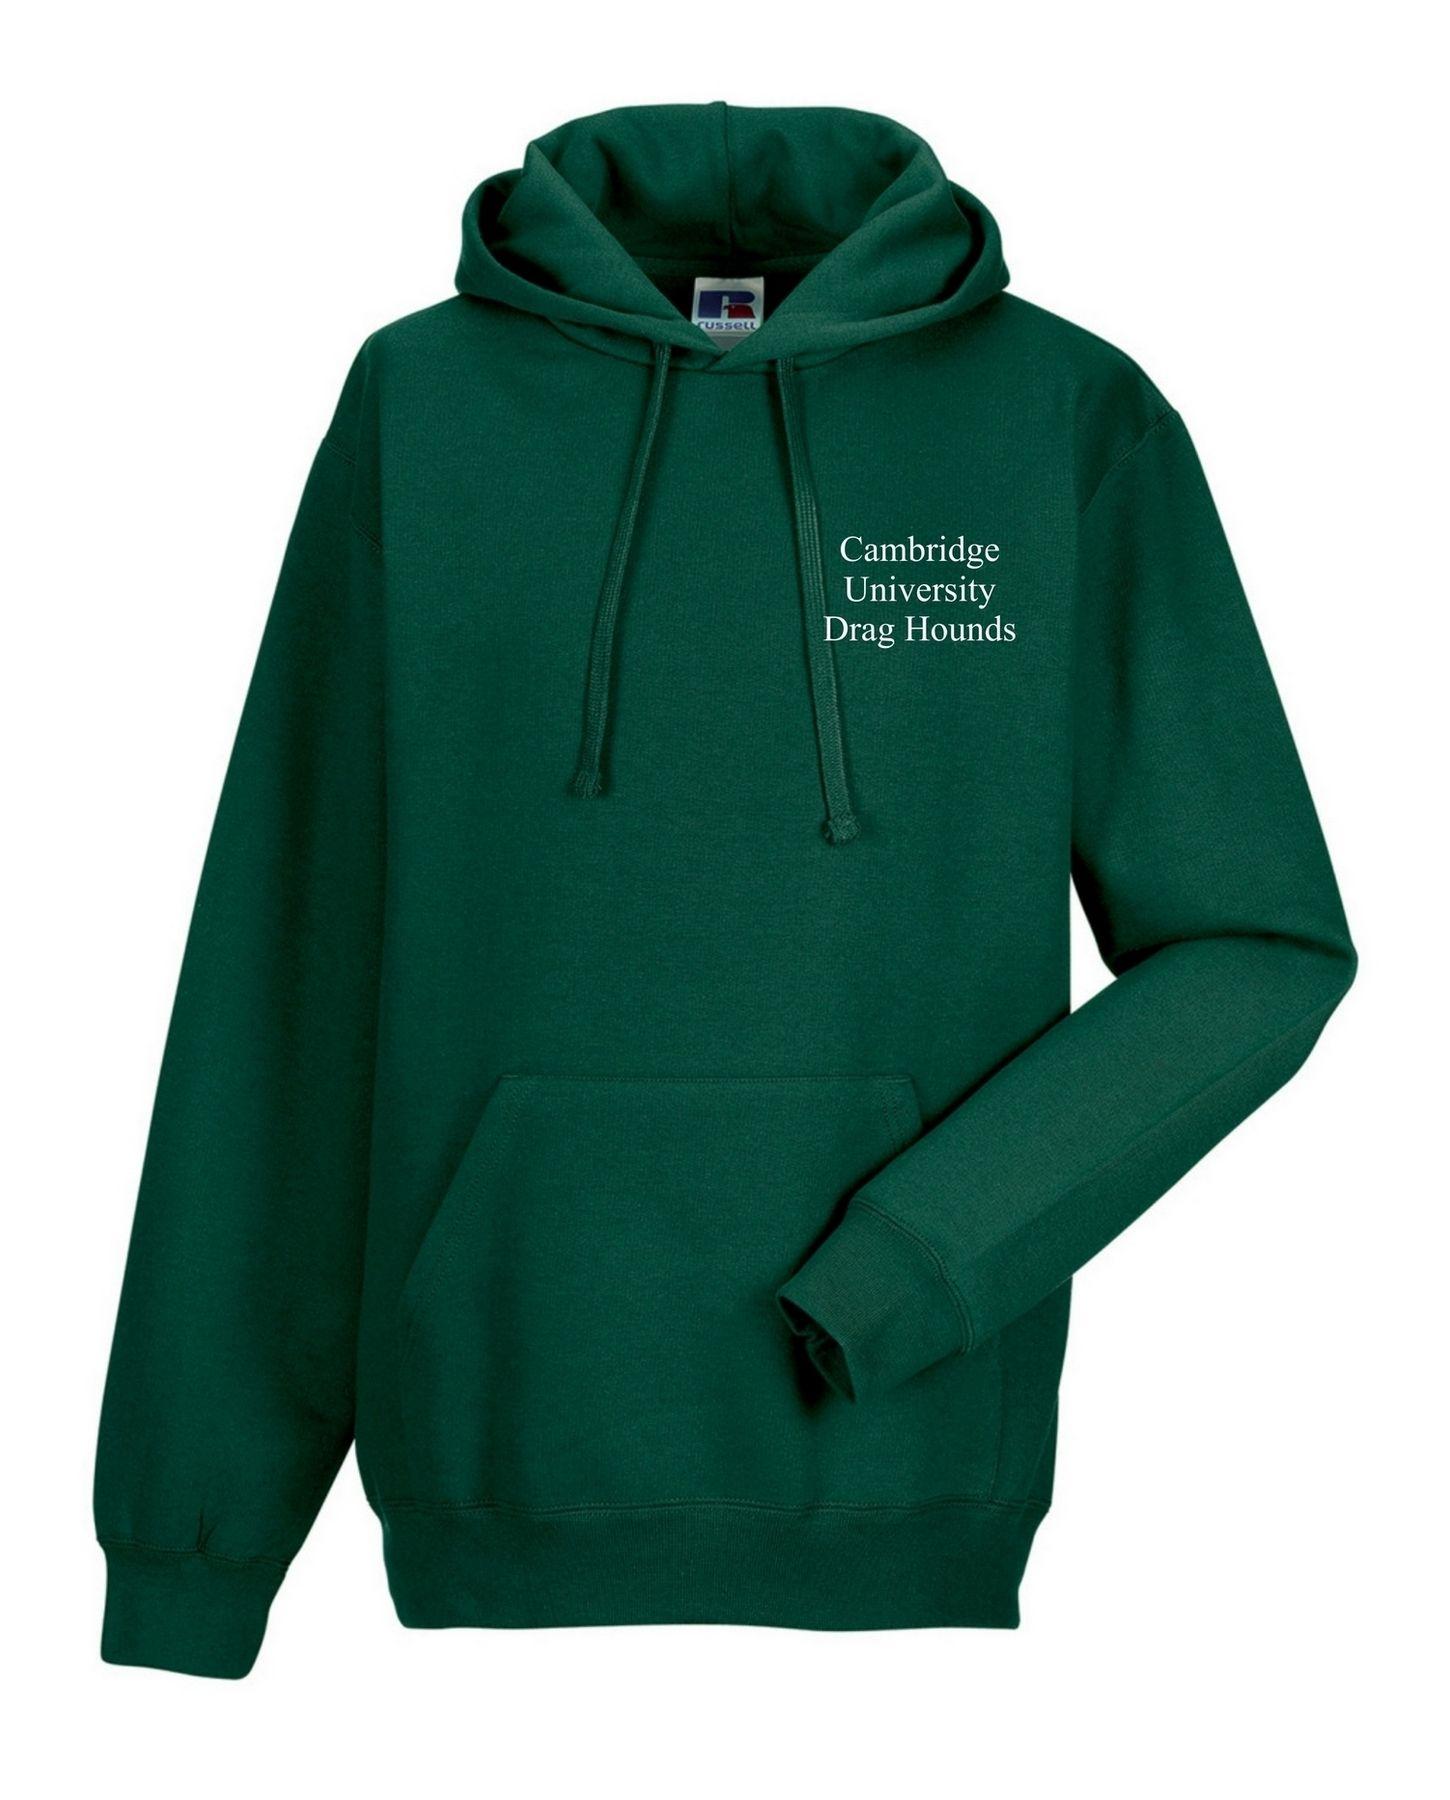 CUDH – Premium Authentic Hoodie